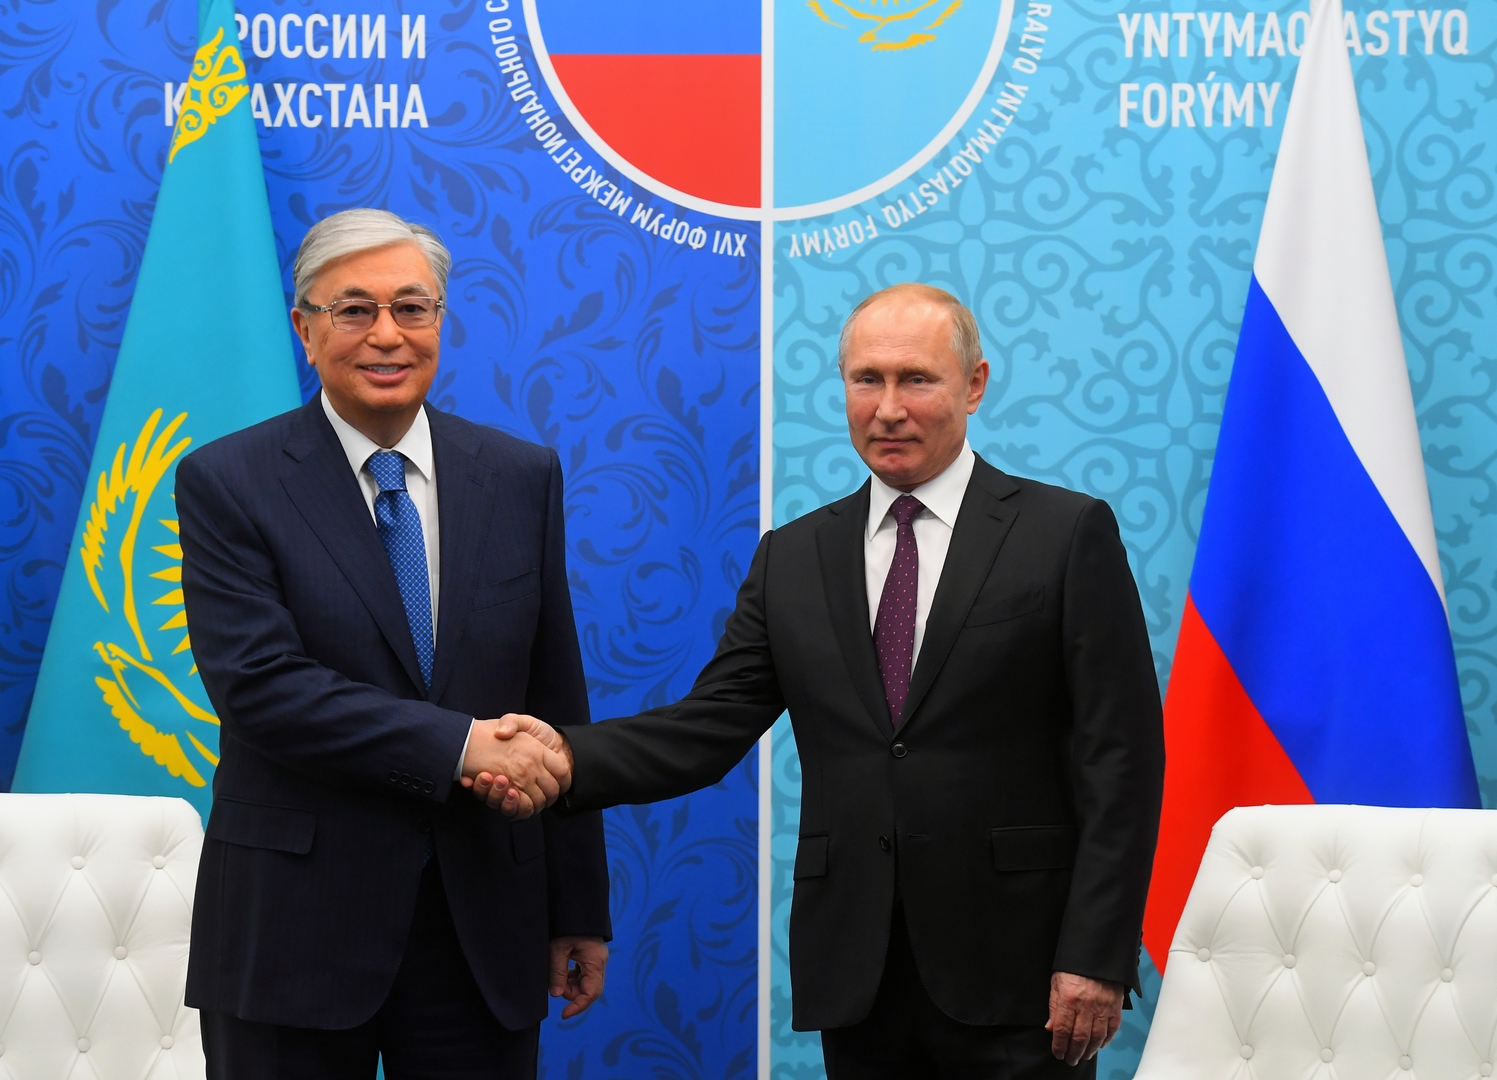 الكرملين: بوتين يبحث مع رئيس كازاخستان العلاقات الثنائية وقضايا إقليمية